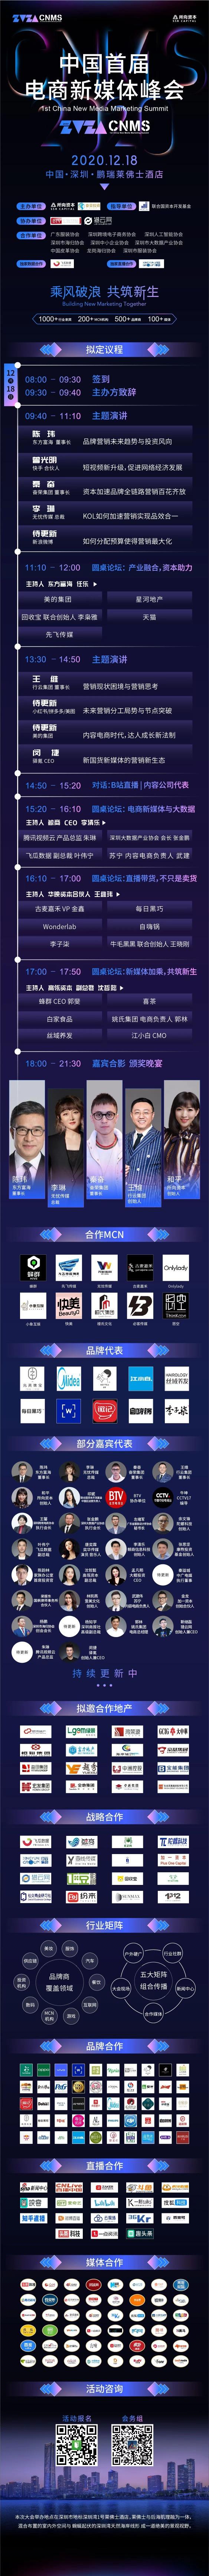 中国首届电商新媒体峰会全面升级